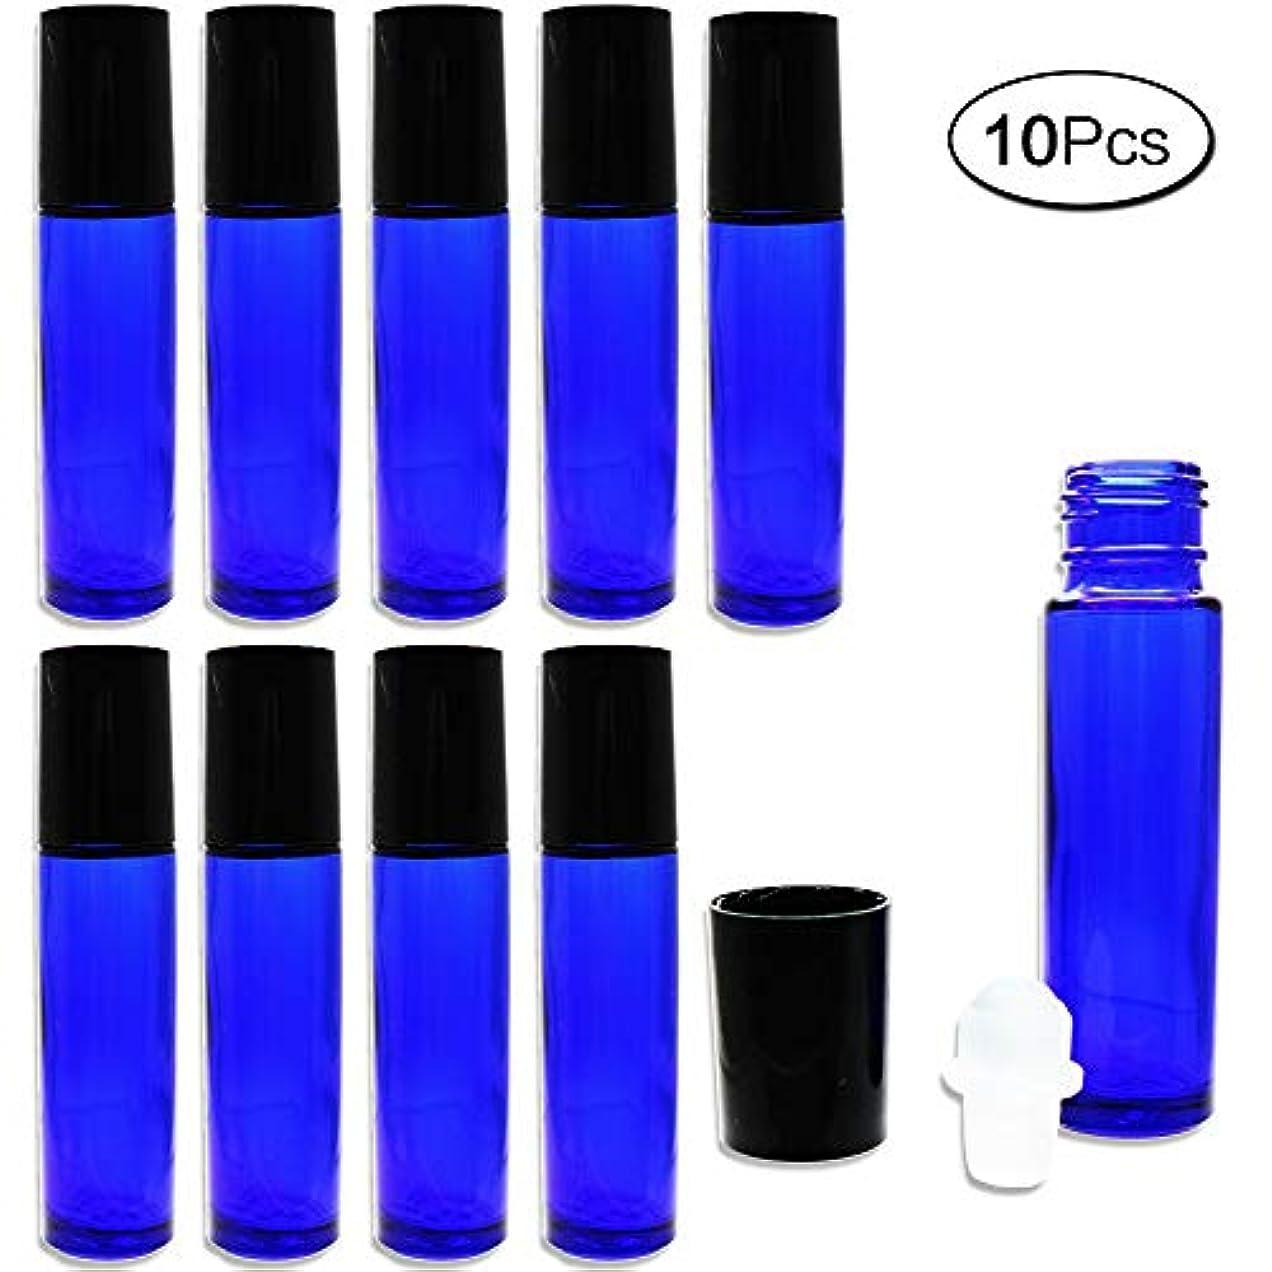 アンドリューハリディ物思いにふける求める10ml ロールオンボトル アロマオイル ガラスロール 詰め替え 遮光瓶 10本セット